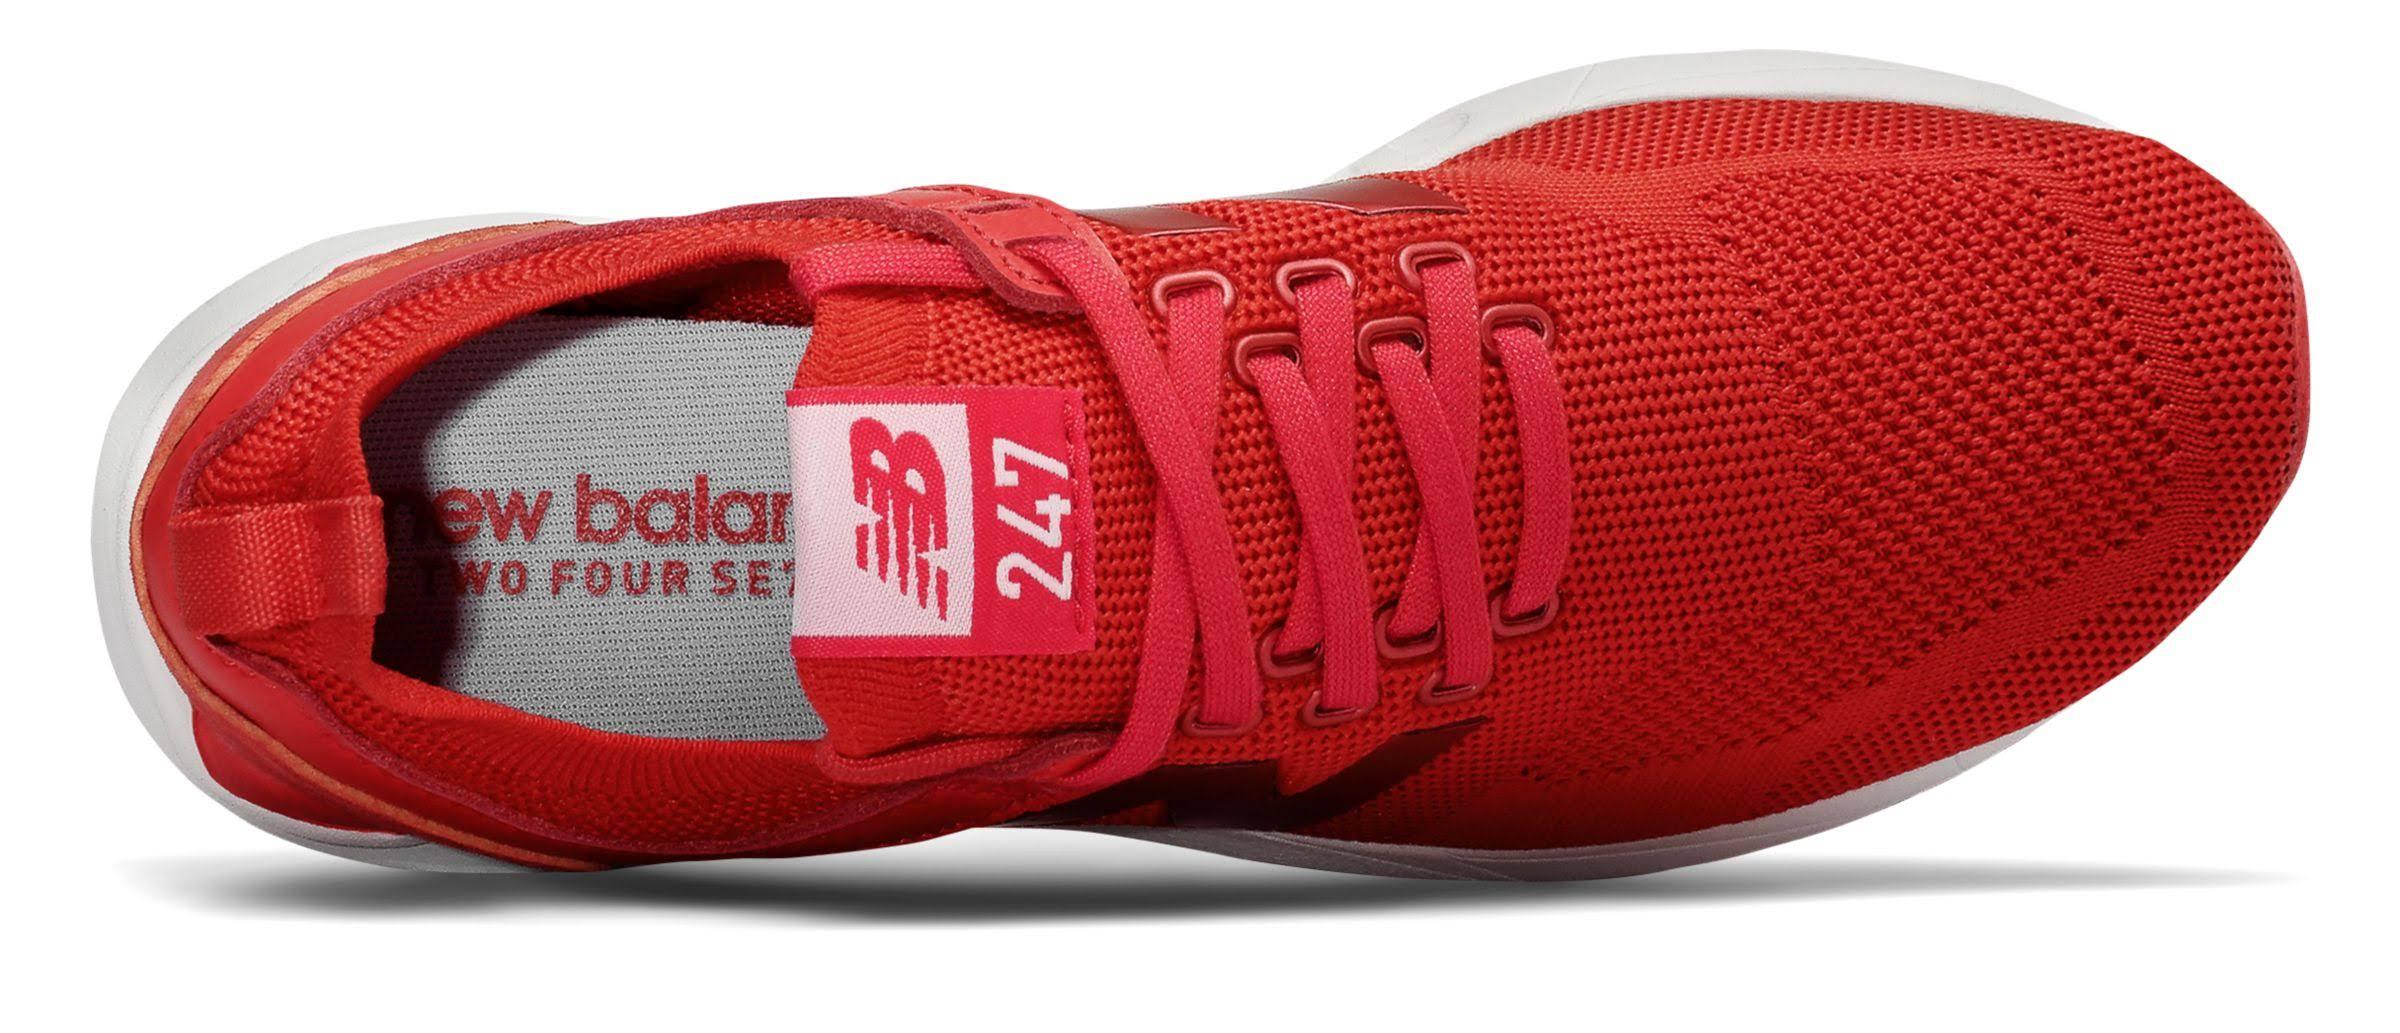 Mesh Brood Dames New 5 Sneakermaat Engineered Balance 247 Nmw8n0